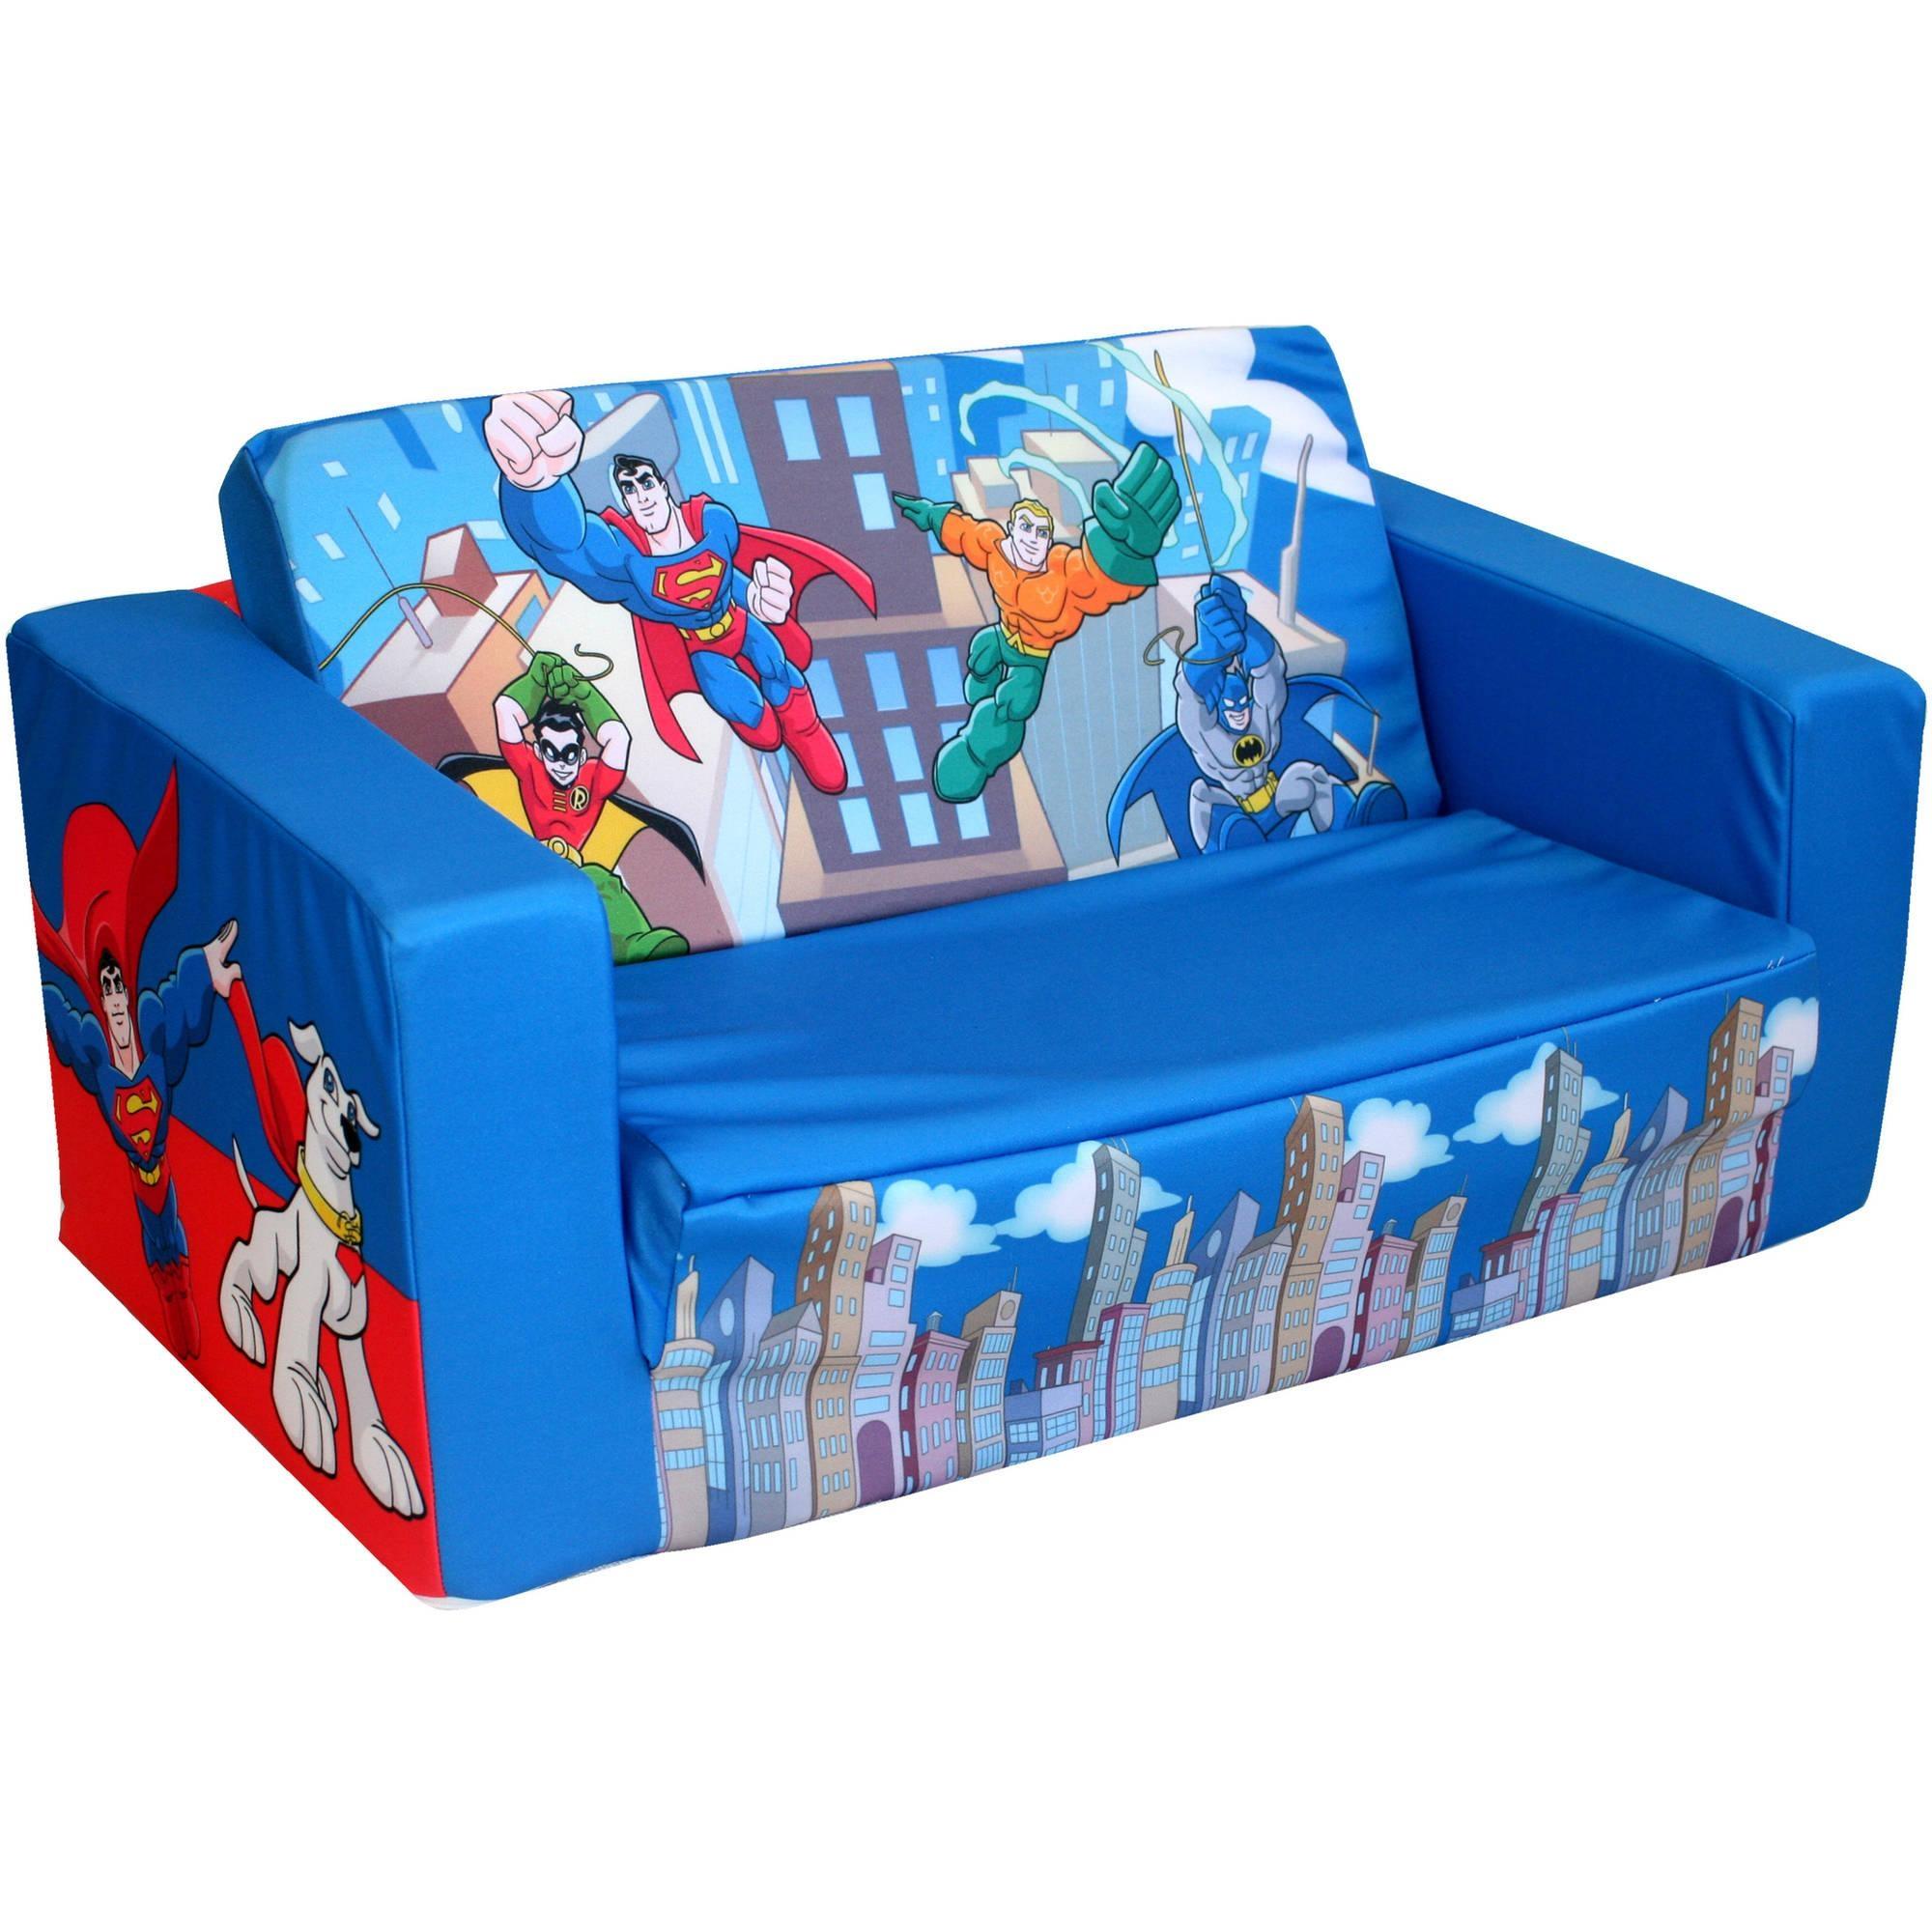 Dc Super Friends Mini Heroes Kids Flip S – Walmart Inside Flip Open Kids Sofas (View 9 of 20)